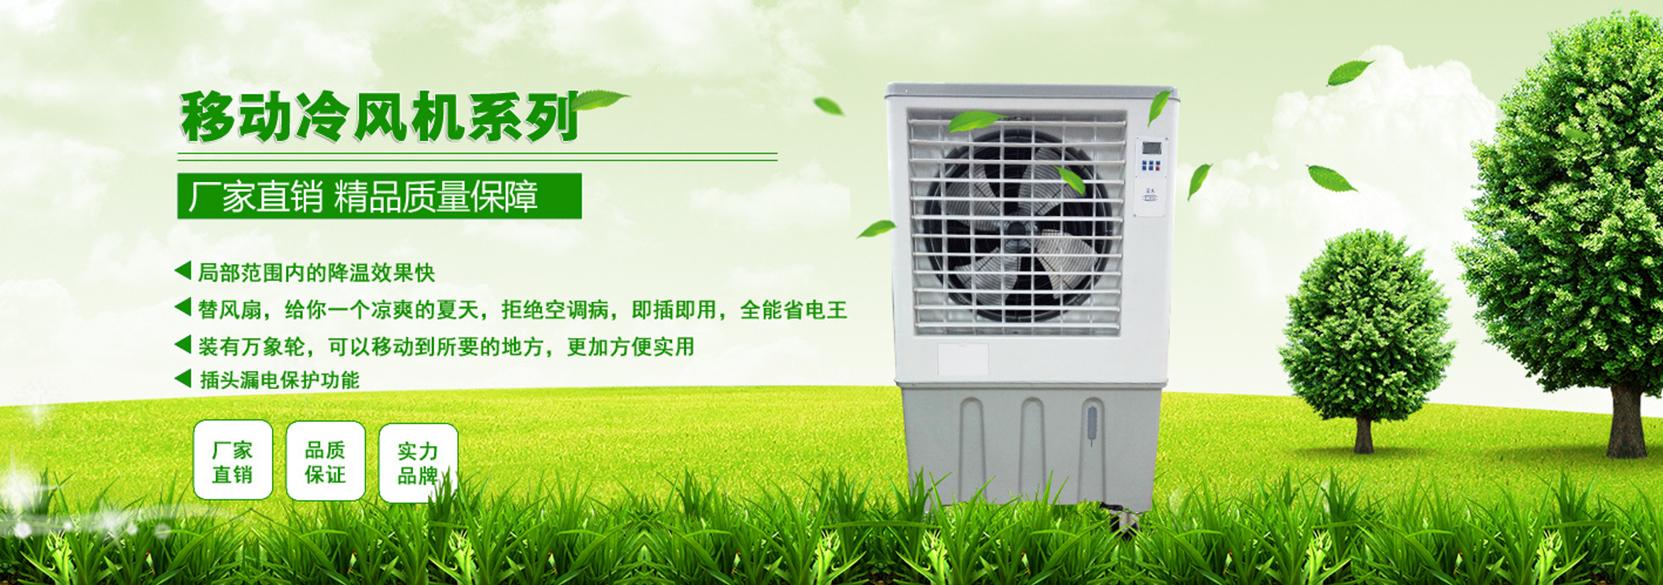 福州负压风机